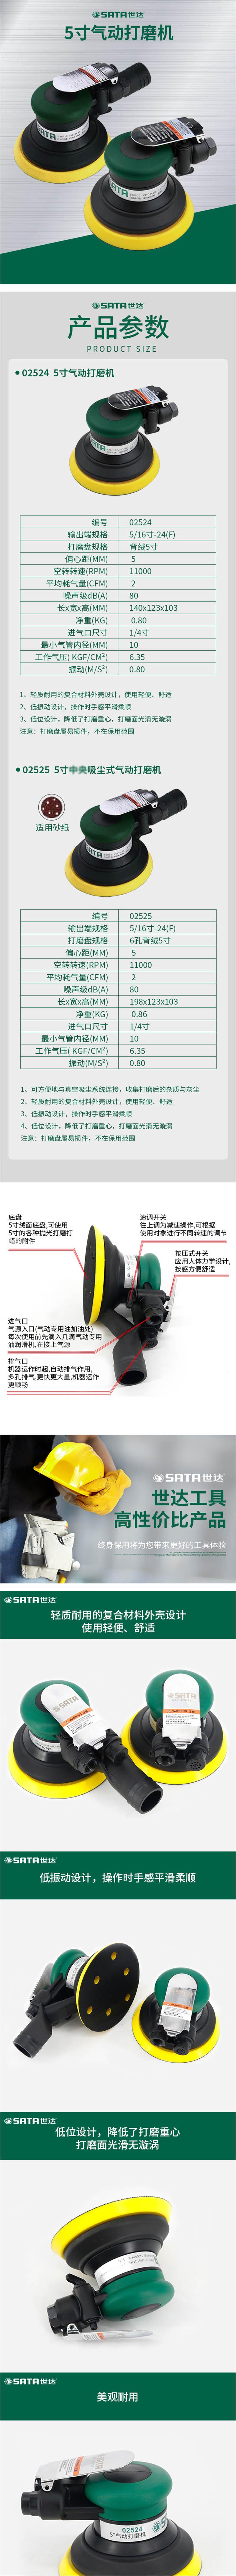 世达5号气动打磨机 025245/16-24F 气管内径10mm